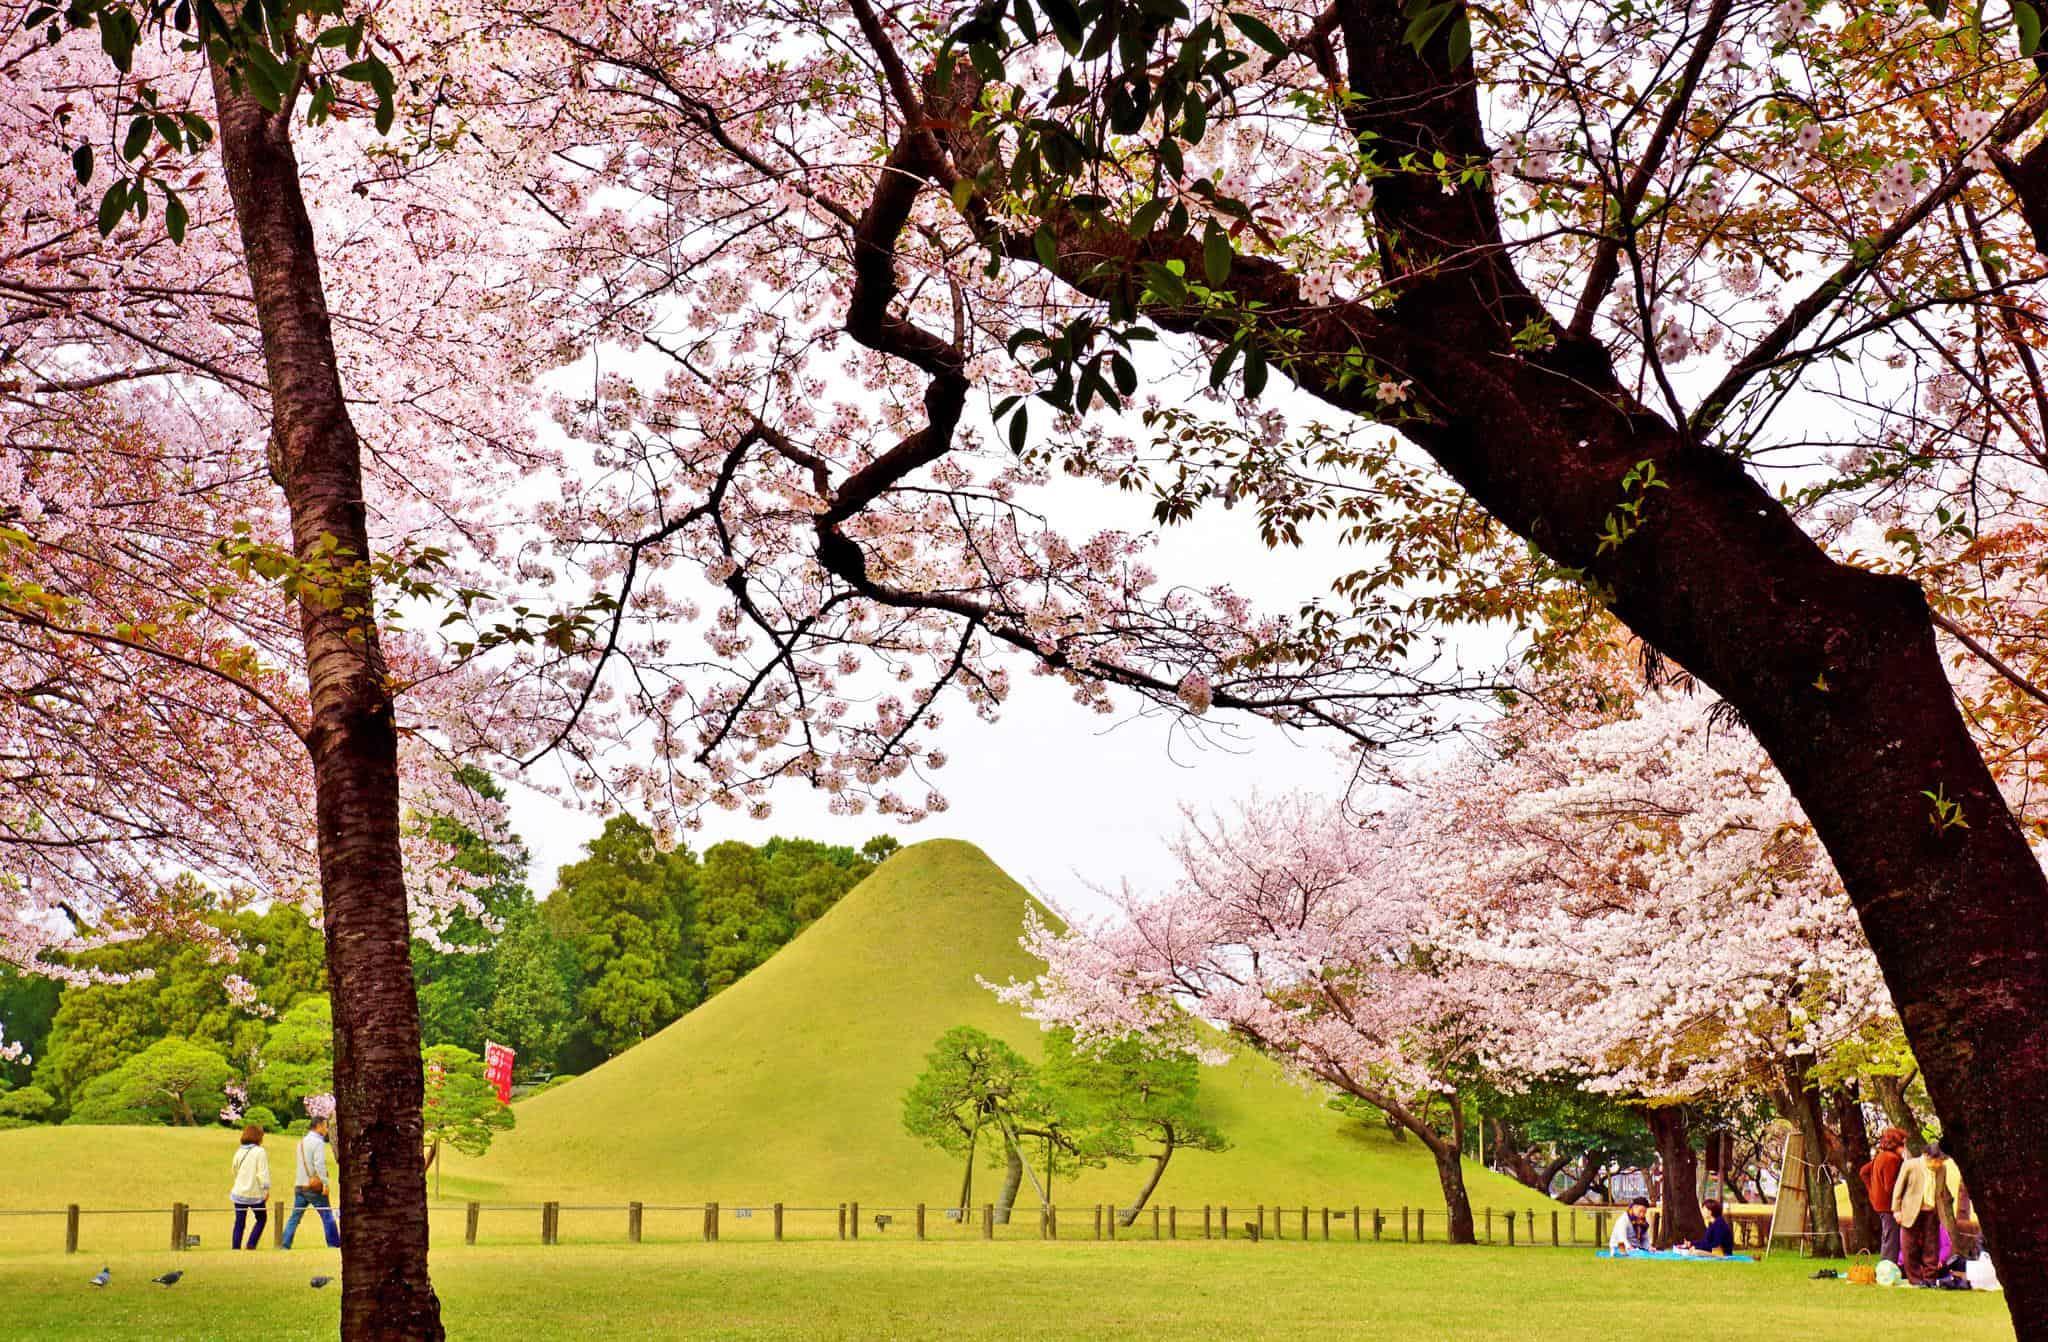 สวน Suizenji Koen ช่วงฤดูใบไม้ผลิ มีซากุระบานสะพรั่ง